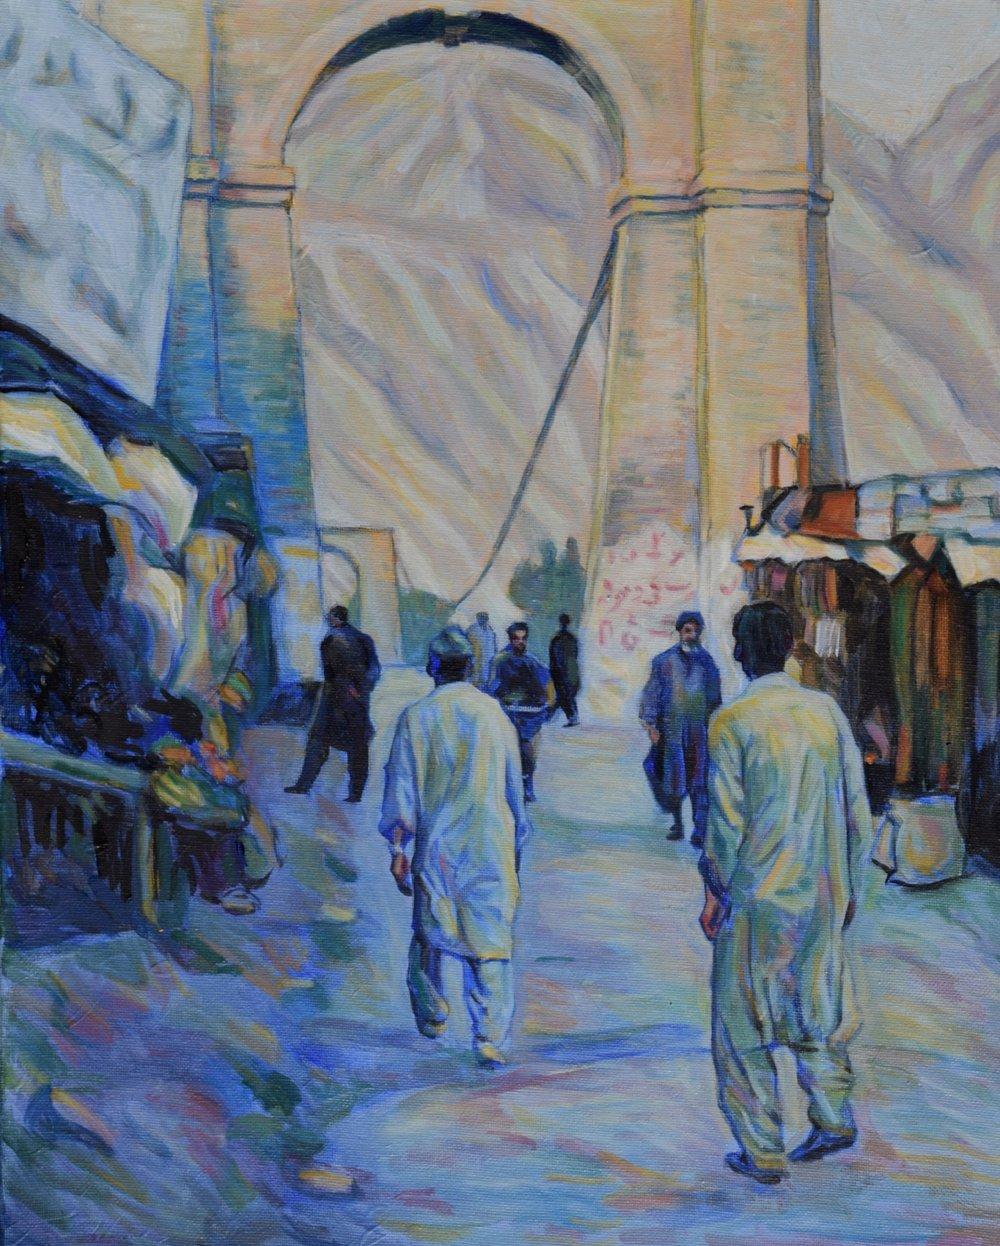 Bazar in Northern Pakistan